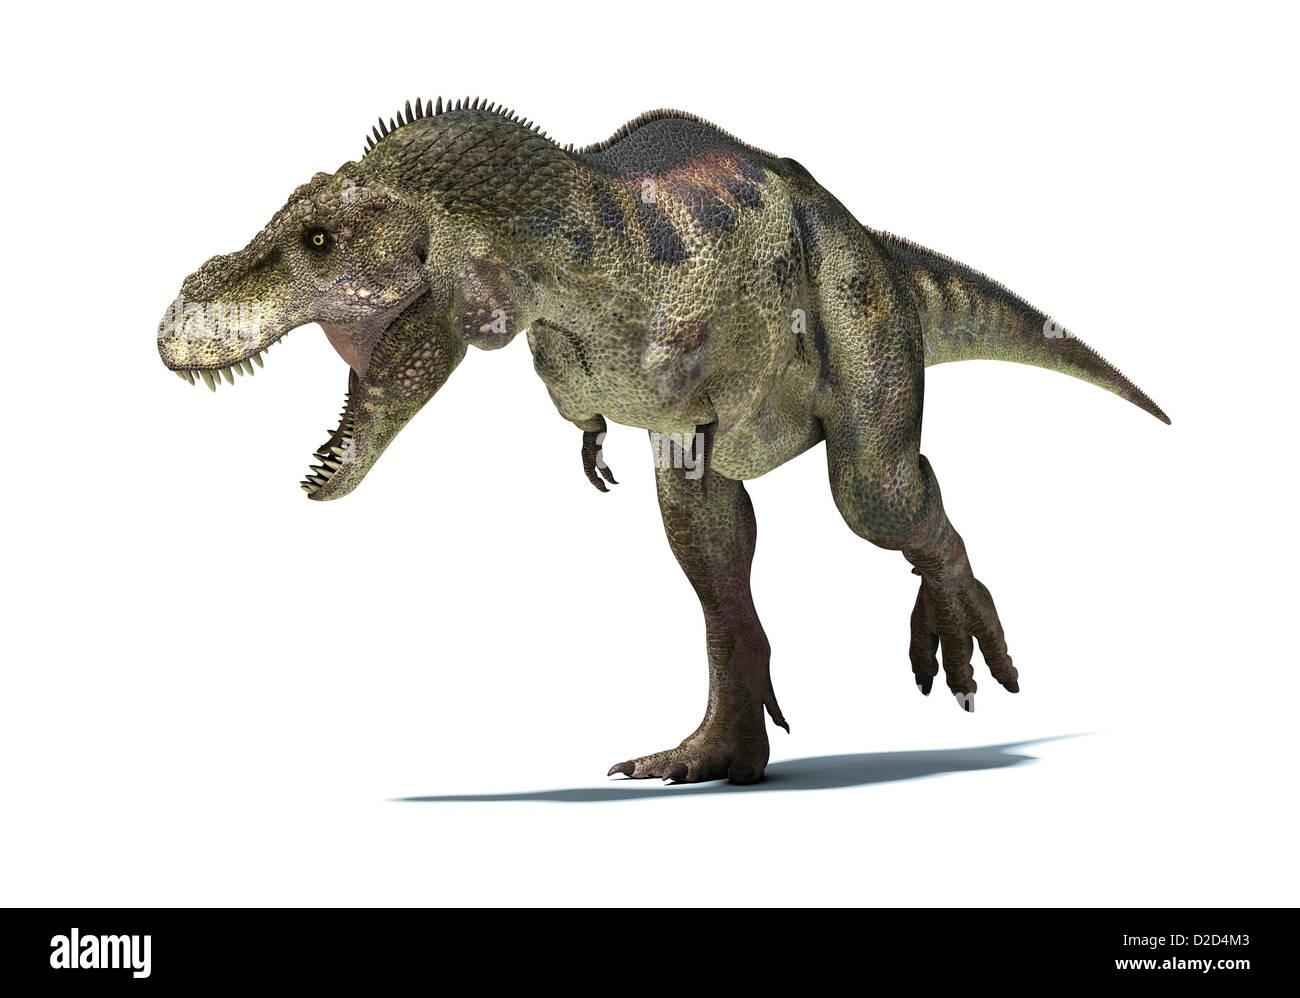 Tyrannosaurus rex dinosauro T rex è stato uno dei più grandi dinosauri carnivori Immagini Stock